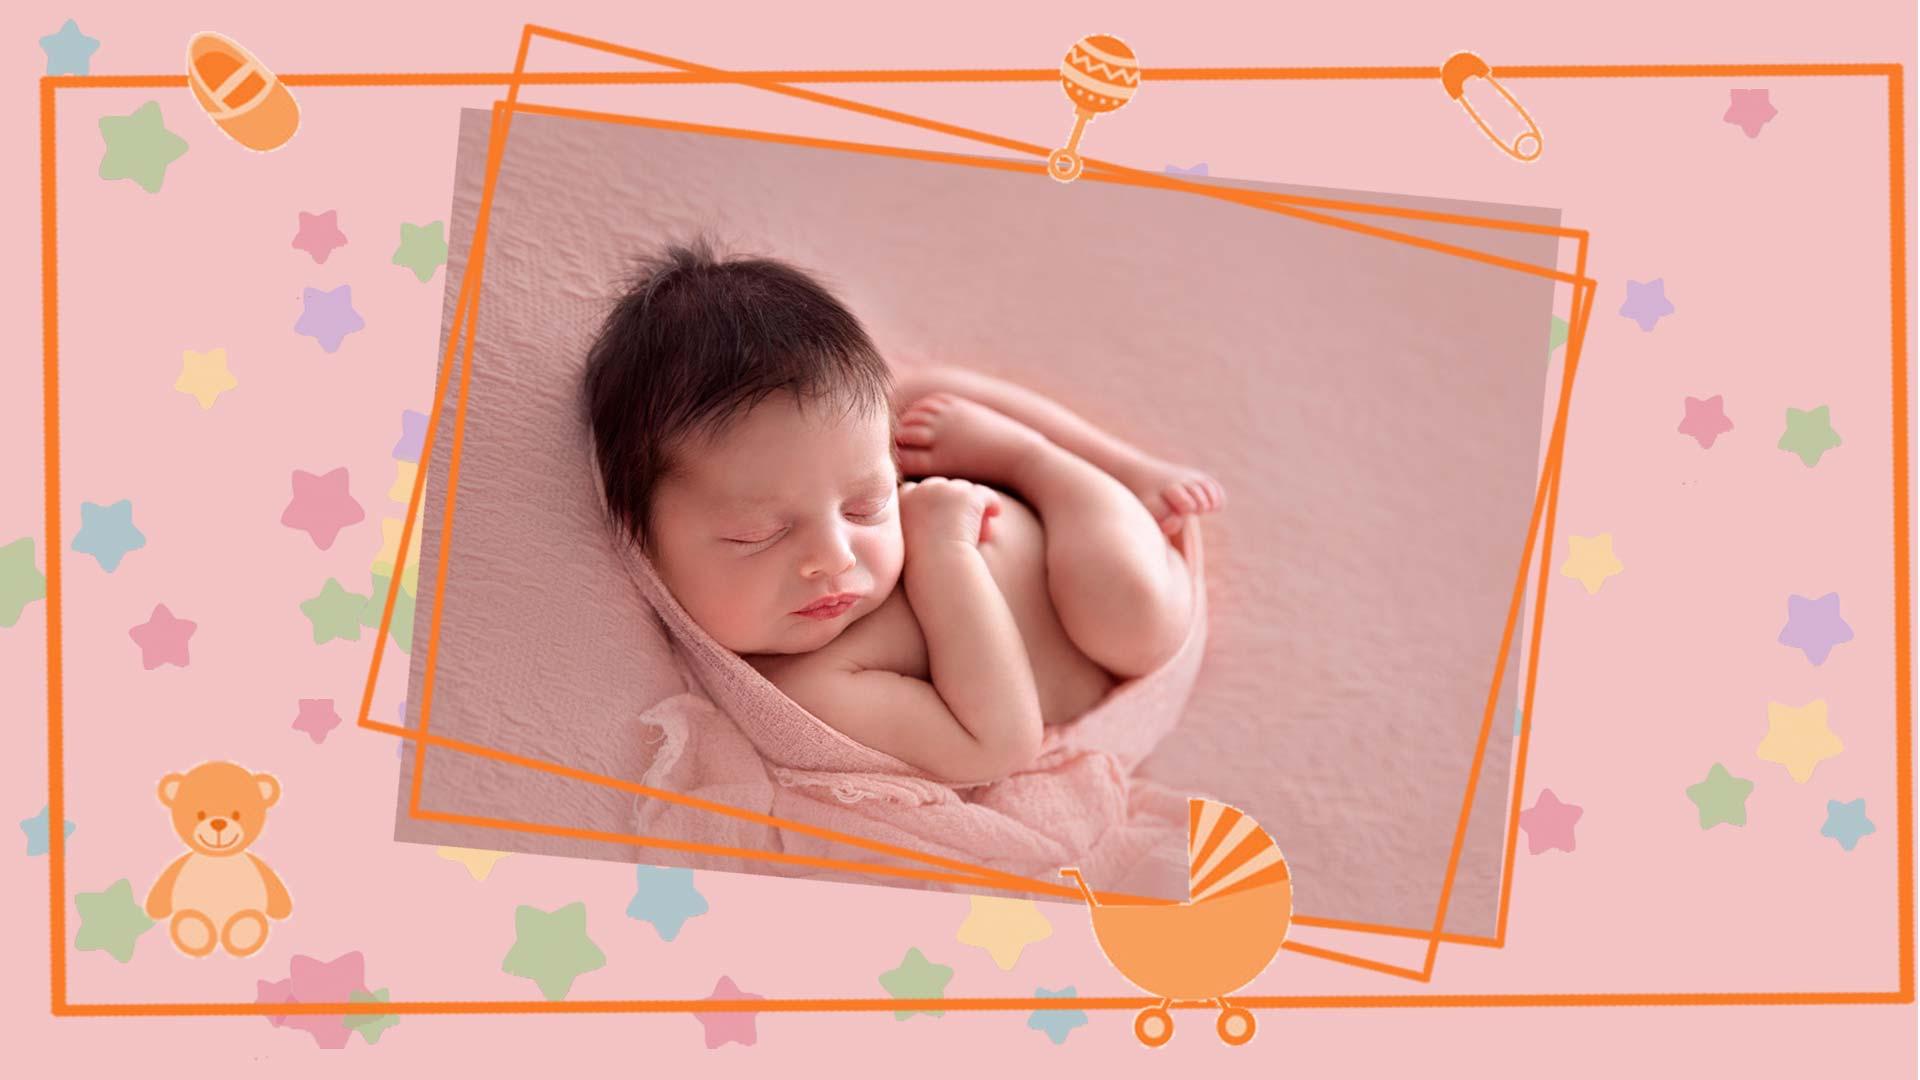 baby photography10 - نکات عکاسی از کودک و نوزاد